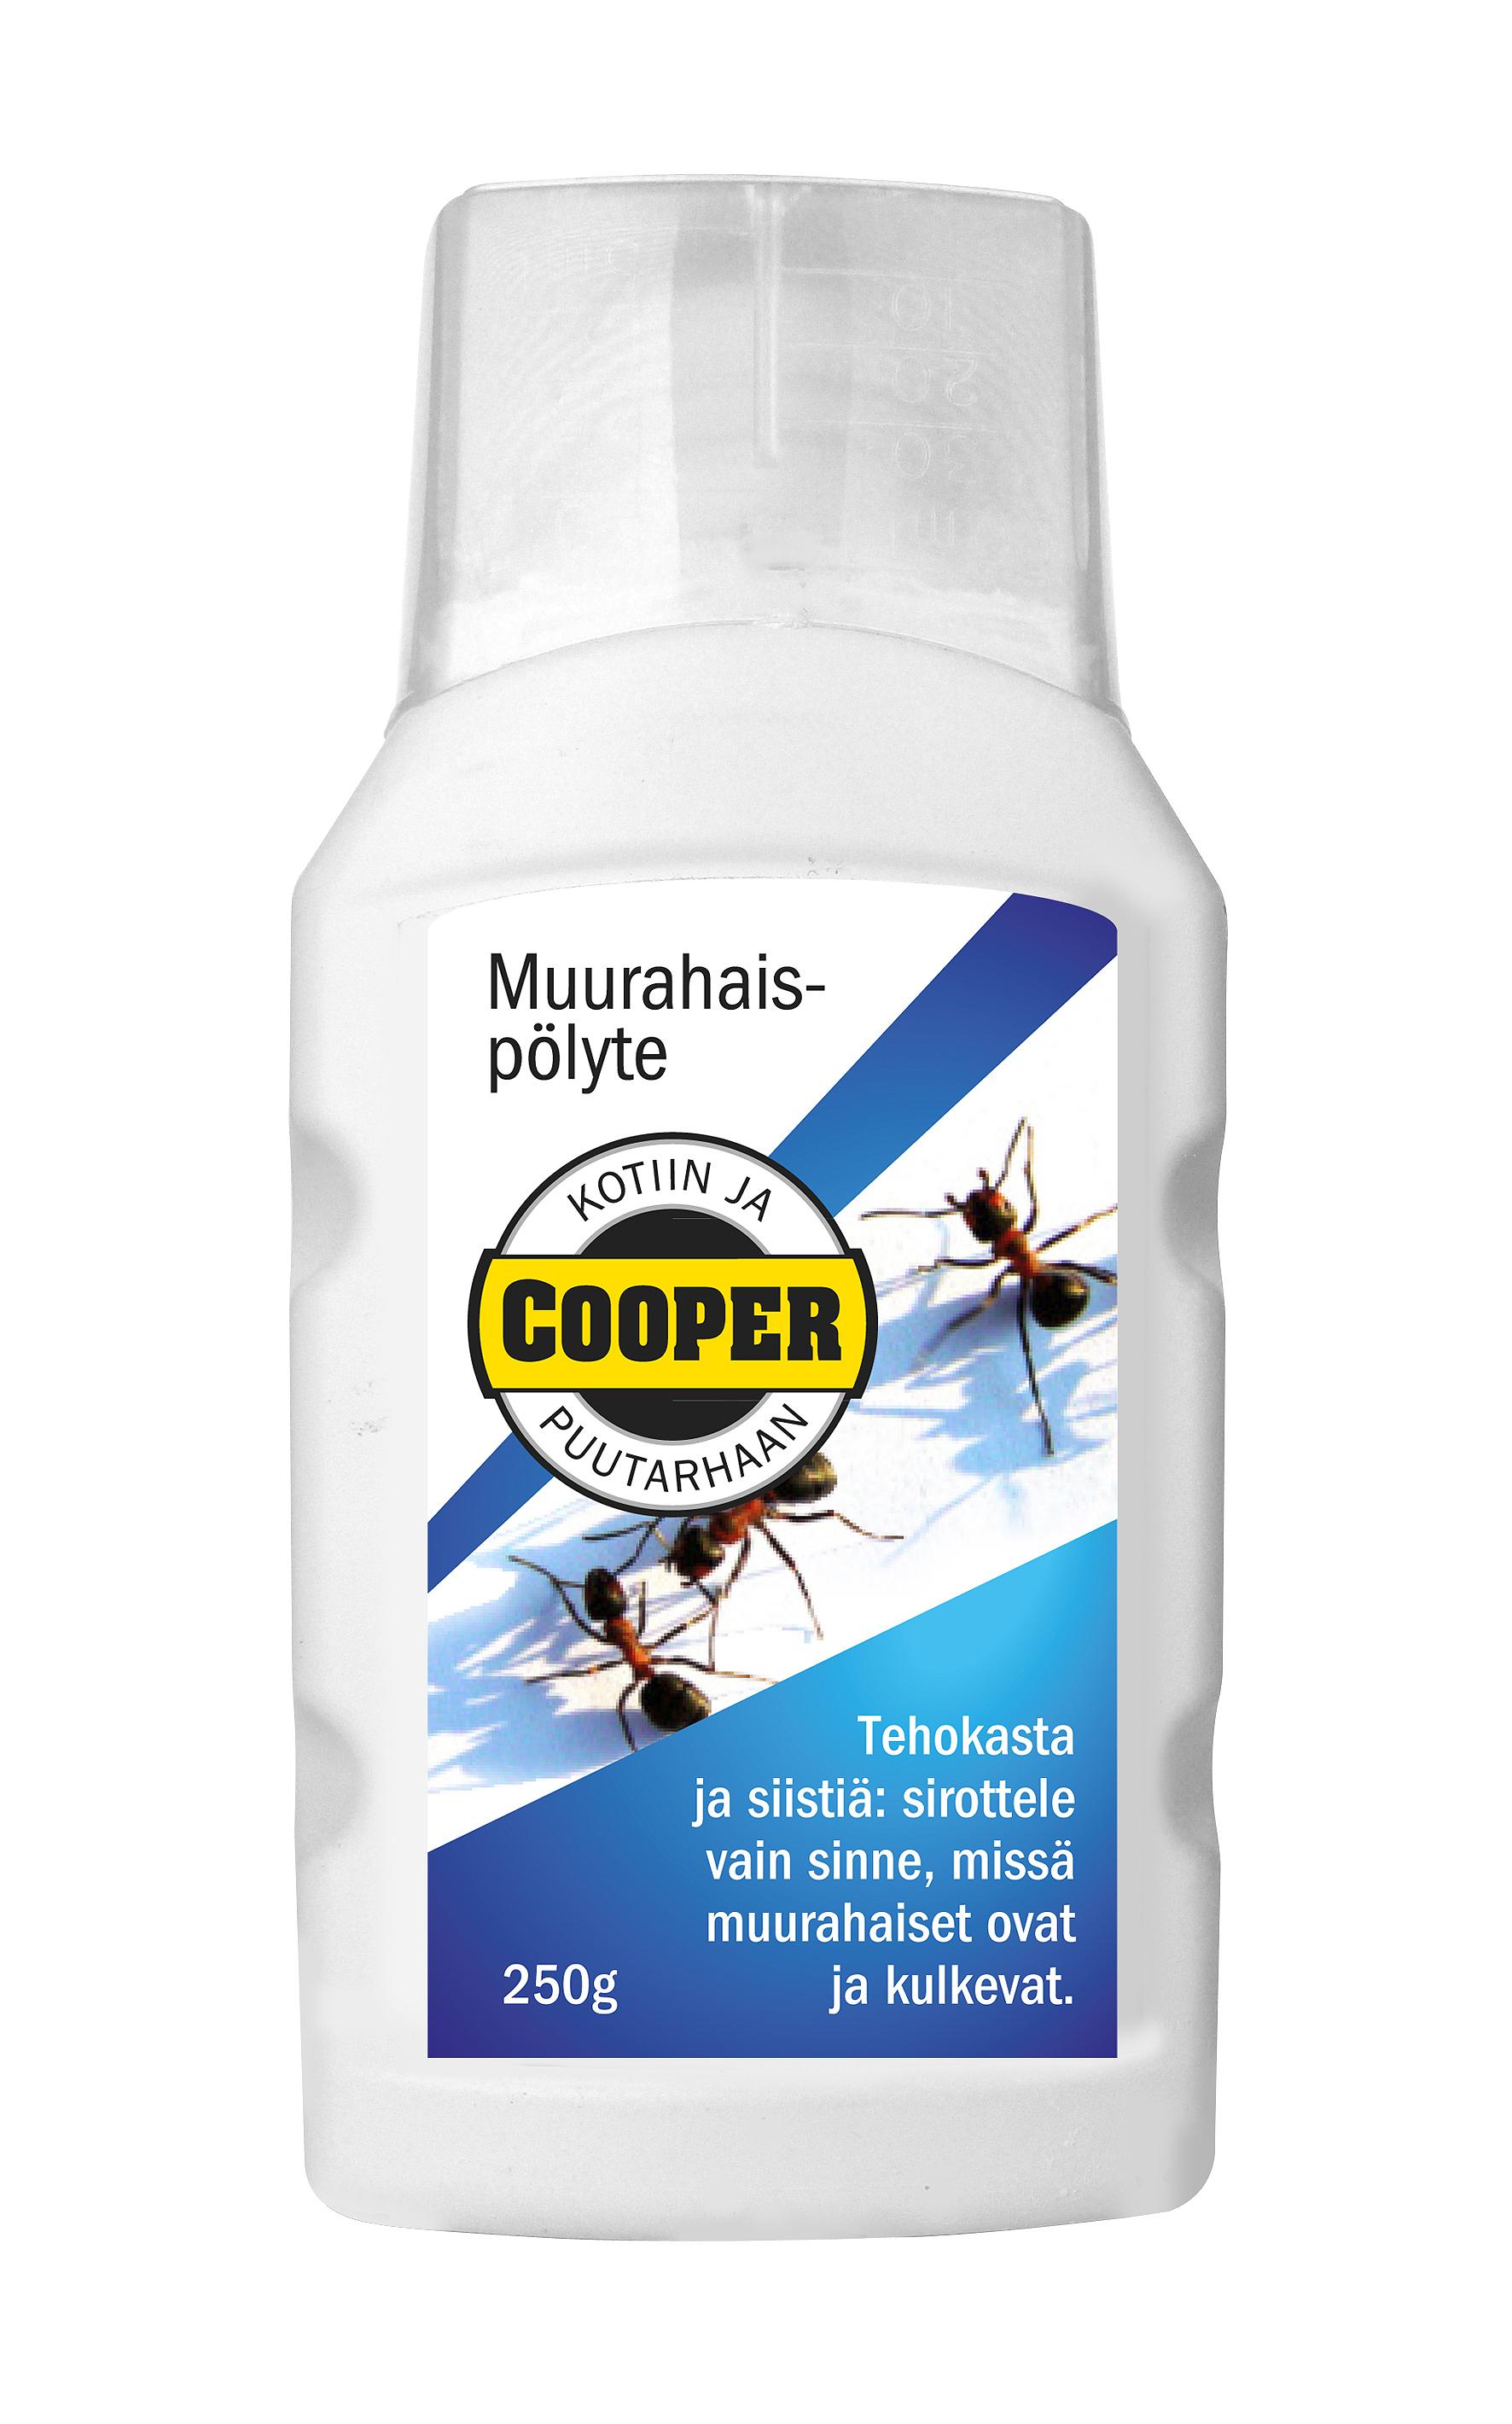 Cooper muurahaispölyte 200 g